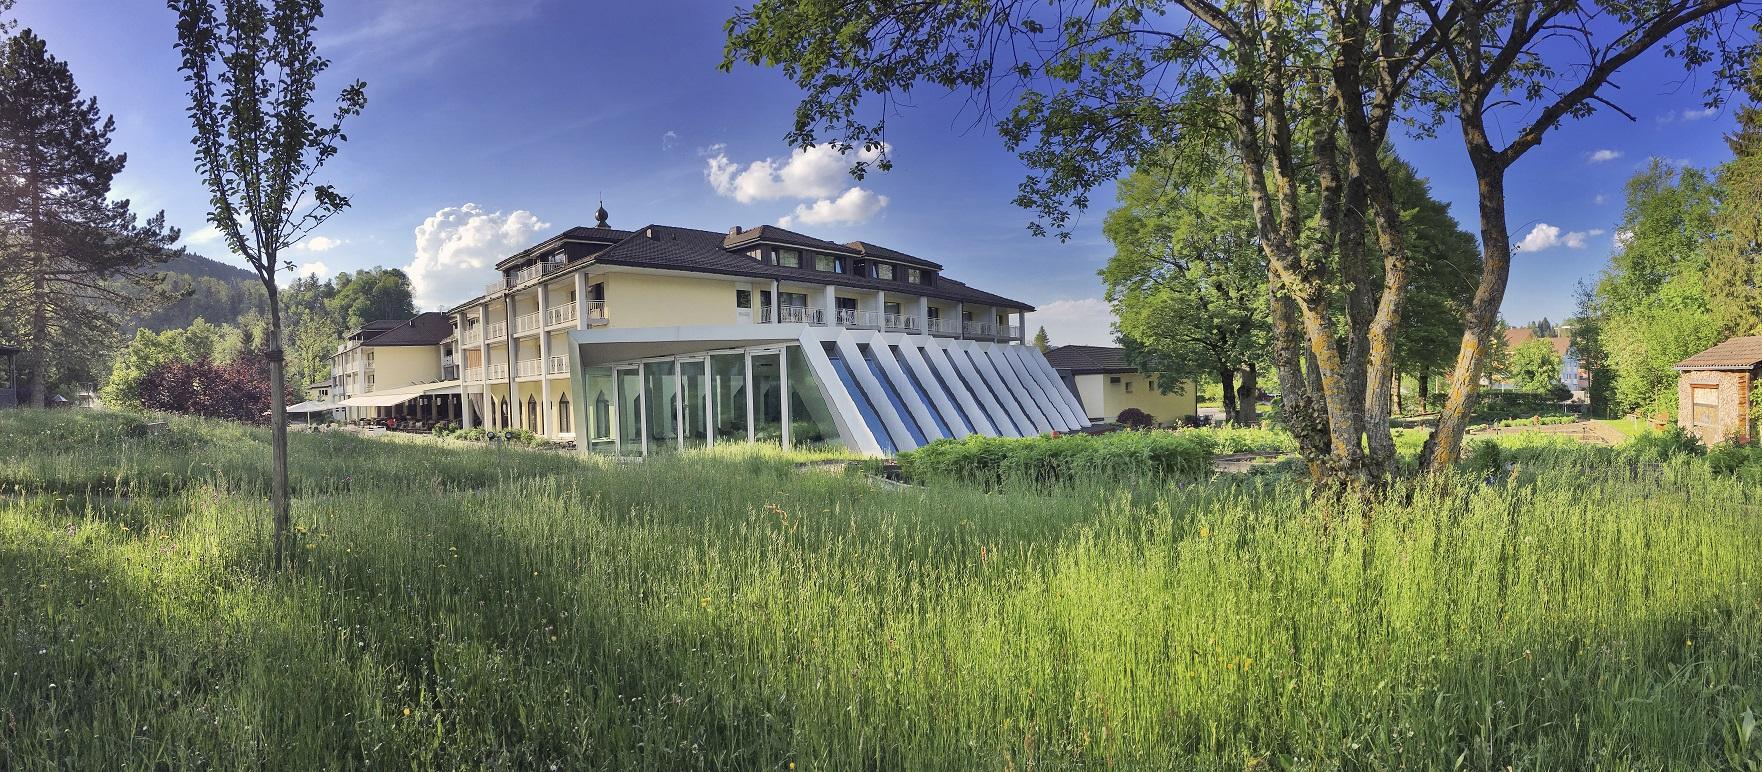 Sicht auf das Hotel Hof Weissbad über die Blumenwiese: Ruhe und Erholung garantiert!